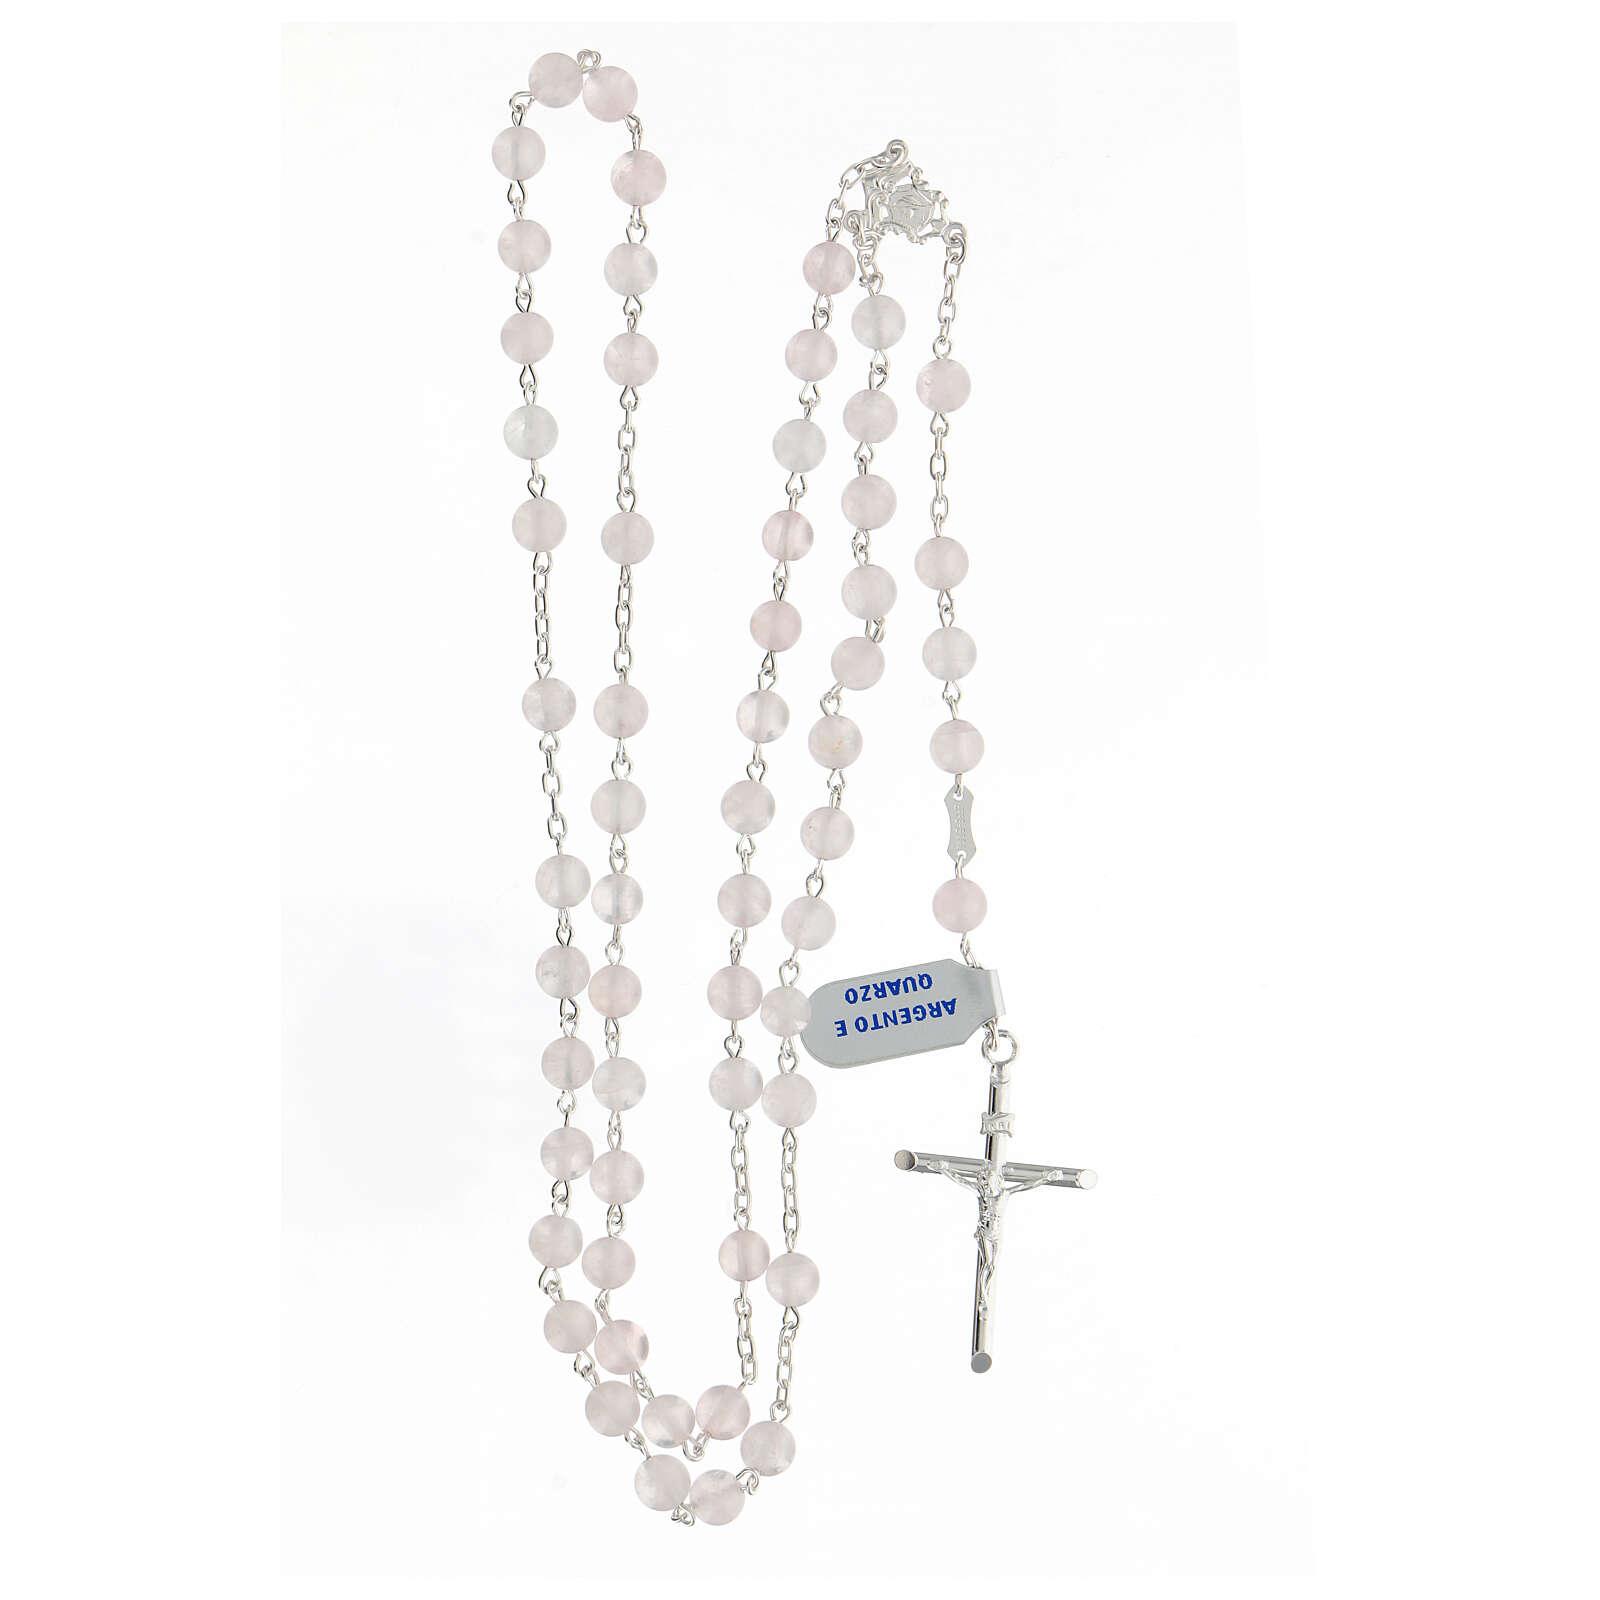 Terço prata 925 com contas de quartzo rosa 6 mm e cruz tubular 4